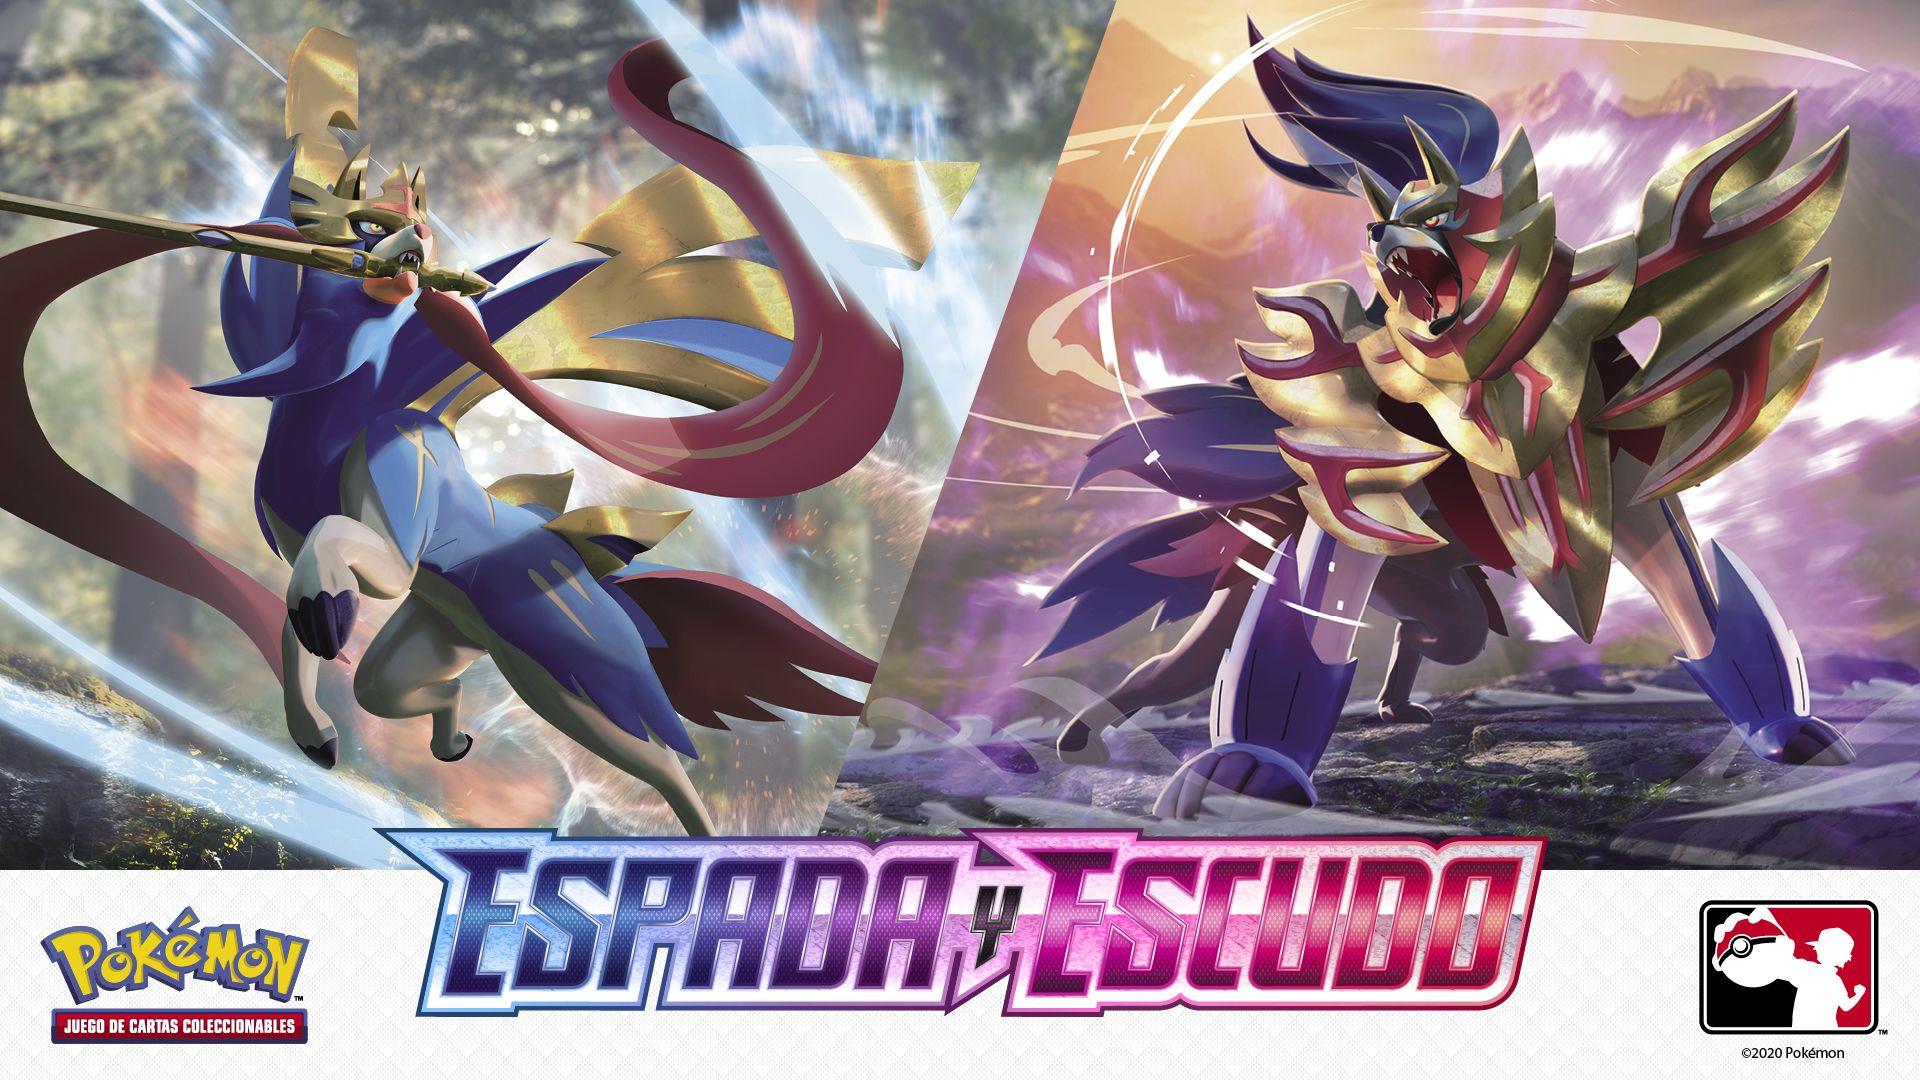 Presentación Pokemon: Espada Y Escudo